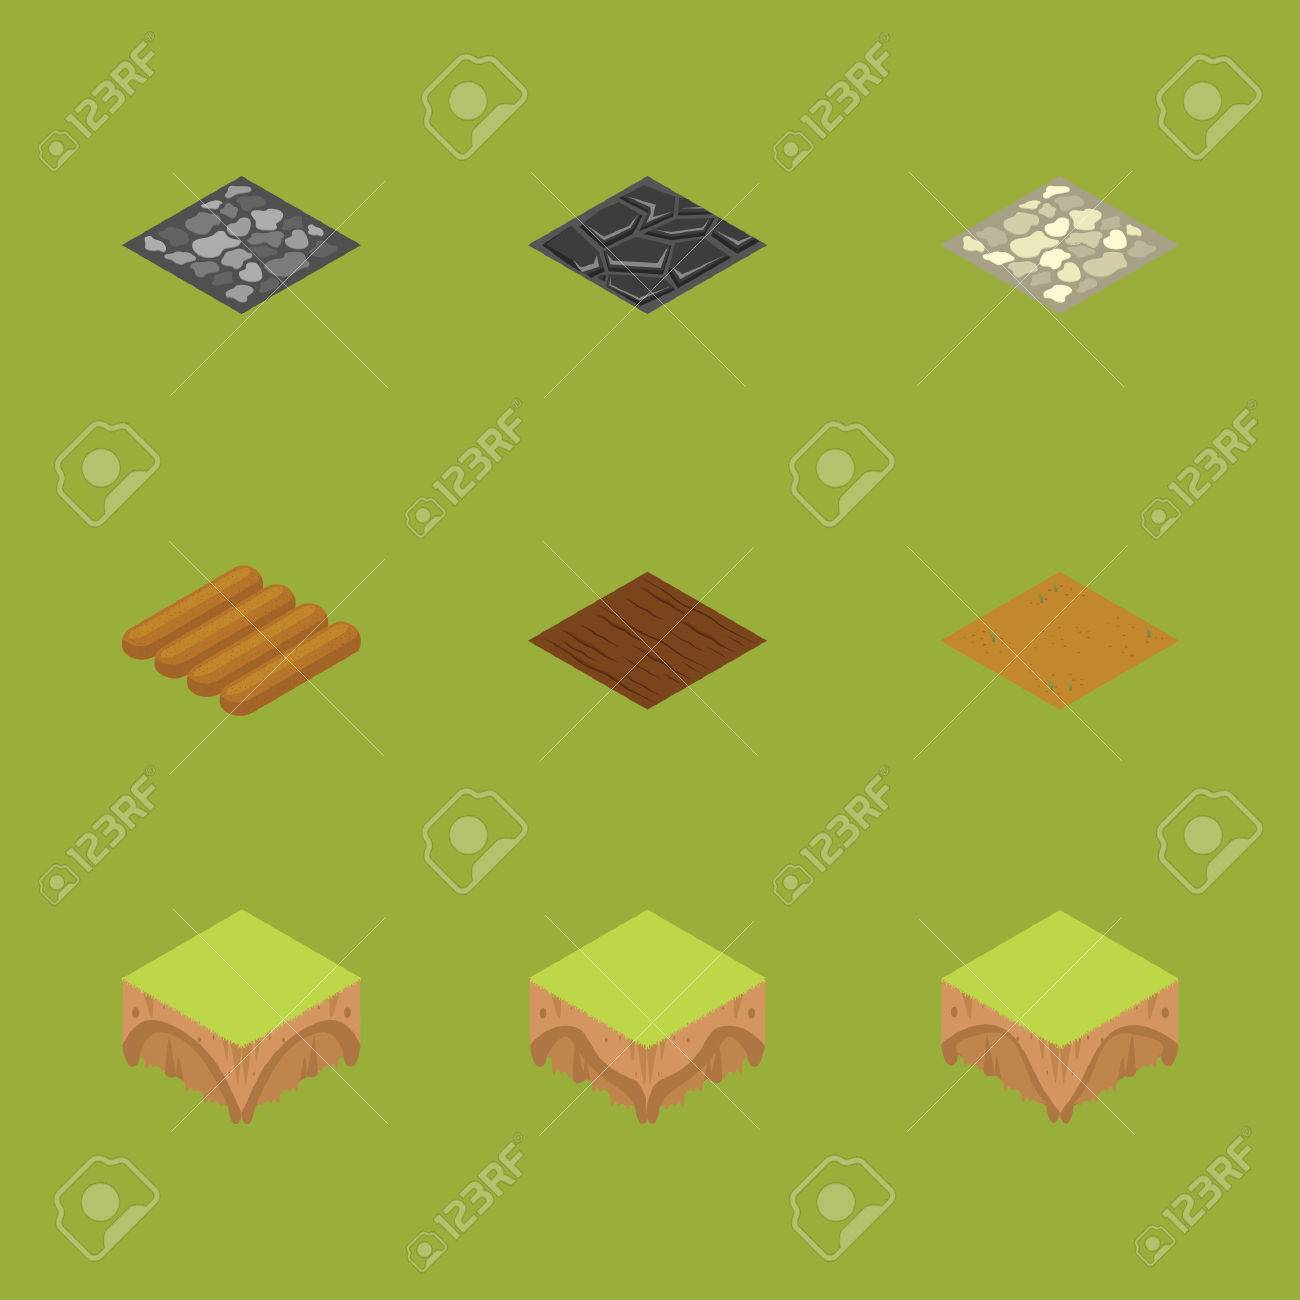 Isometrische Boden Und Bodentexturen Lizenzfrei Nutzbare